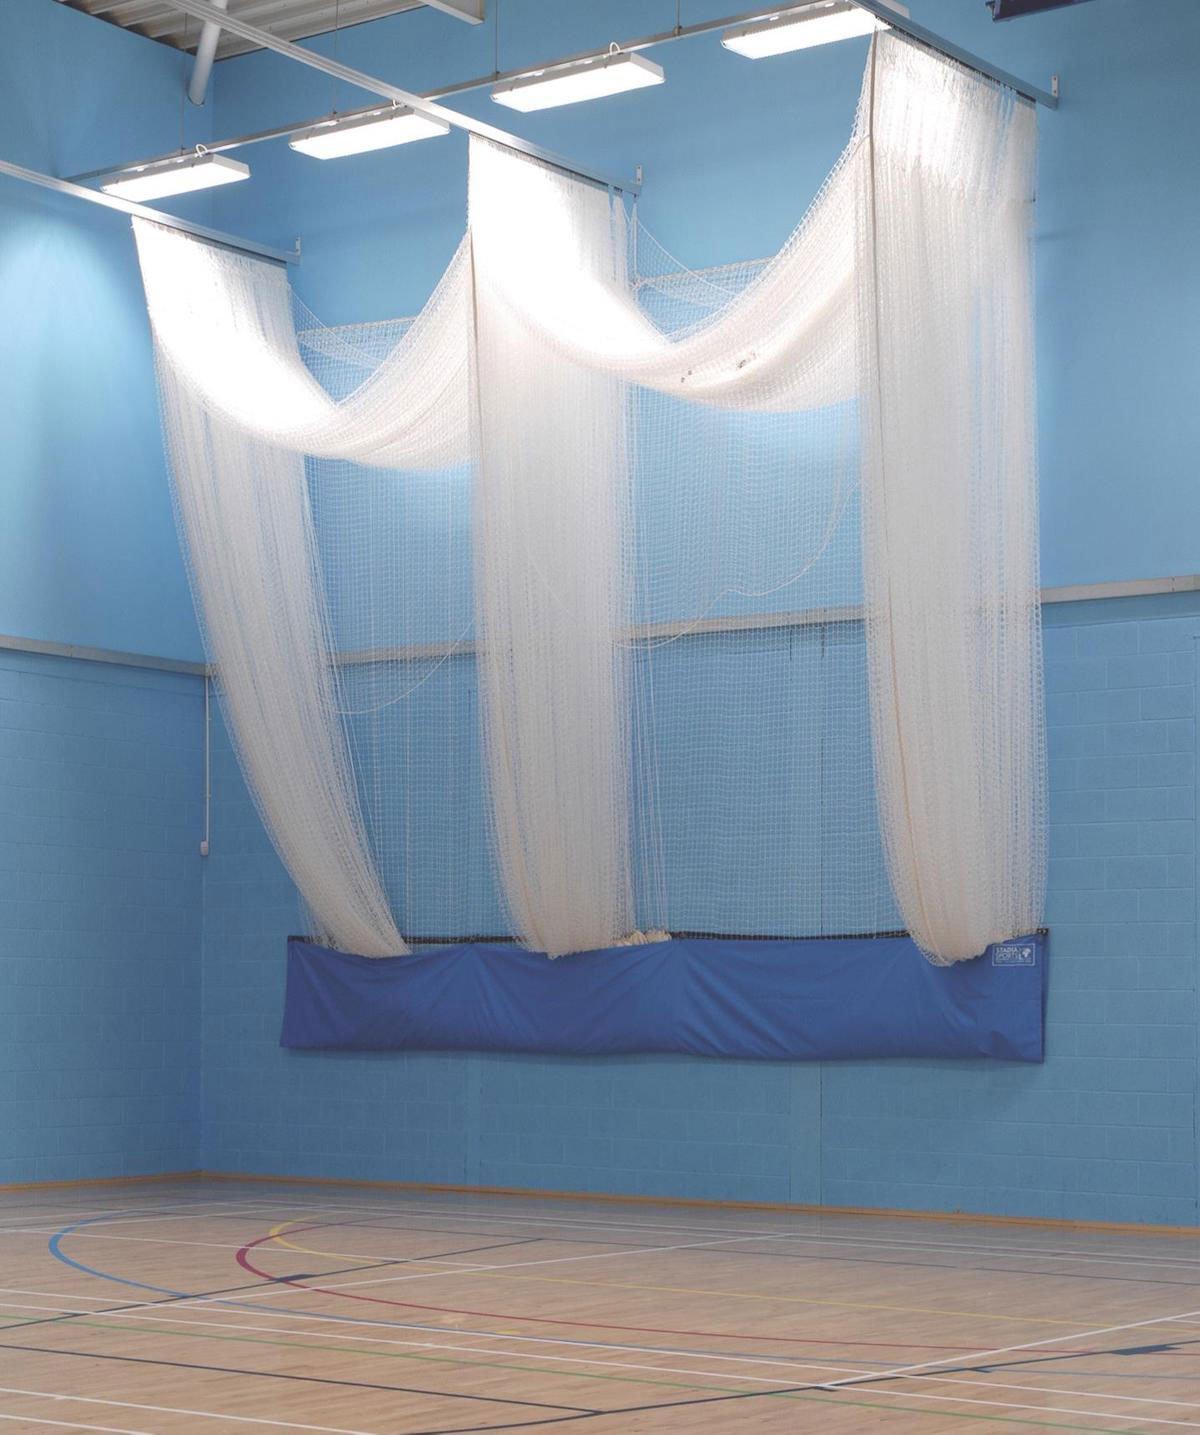 Cricket Nets Indoor Storage